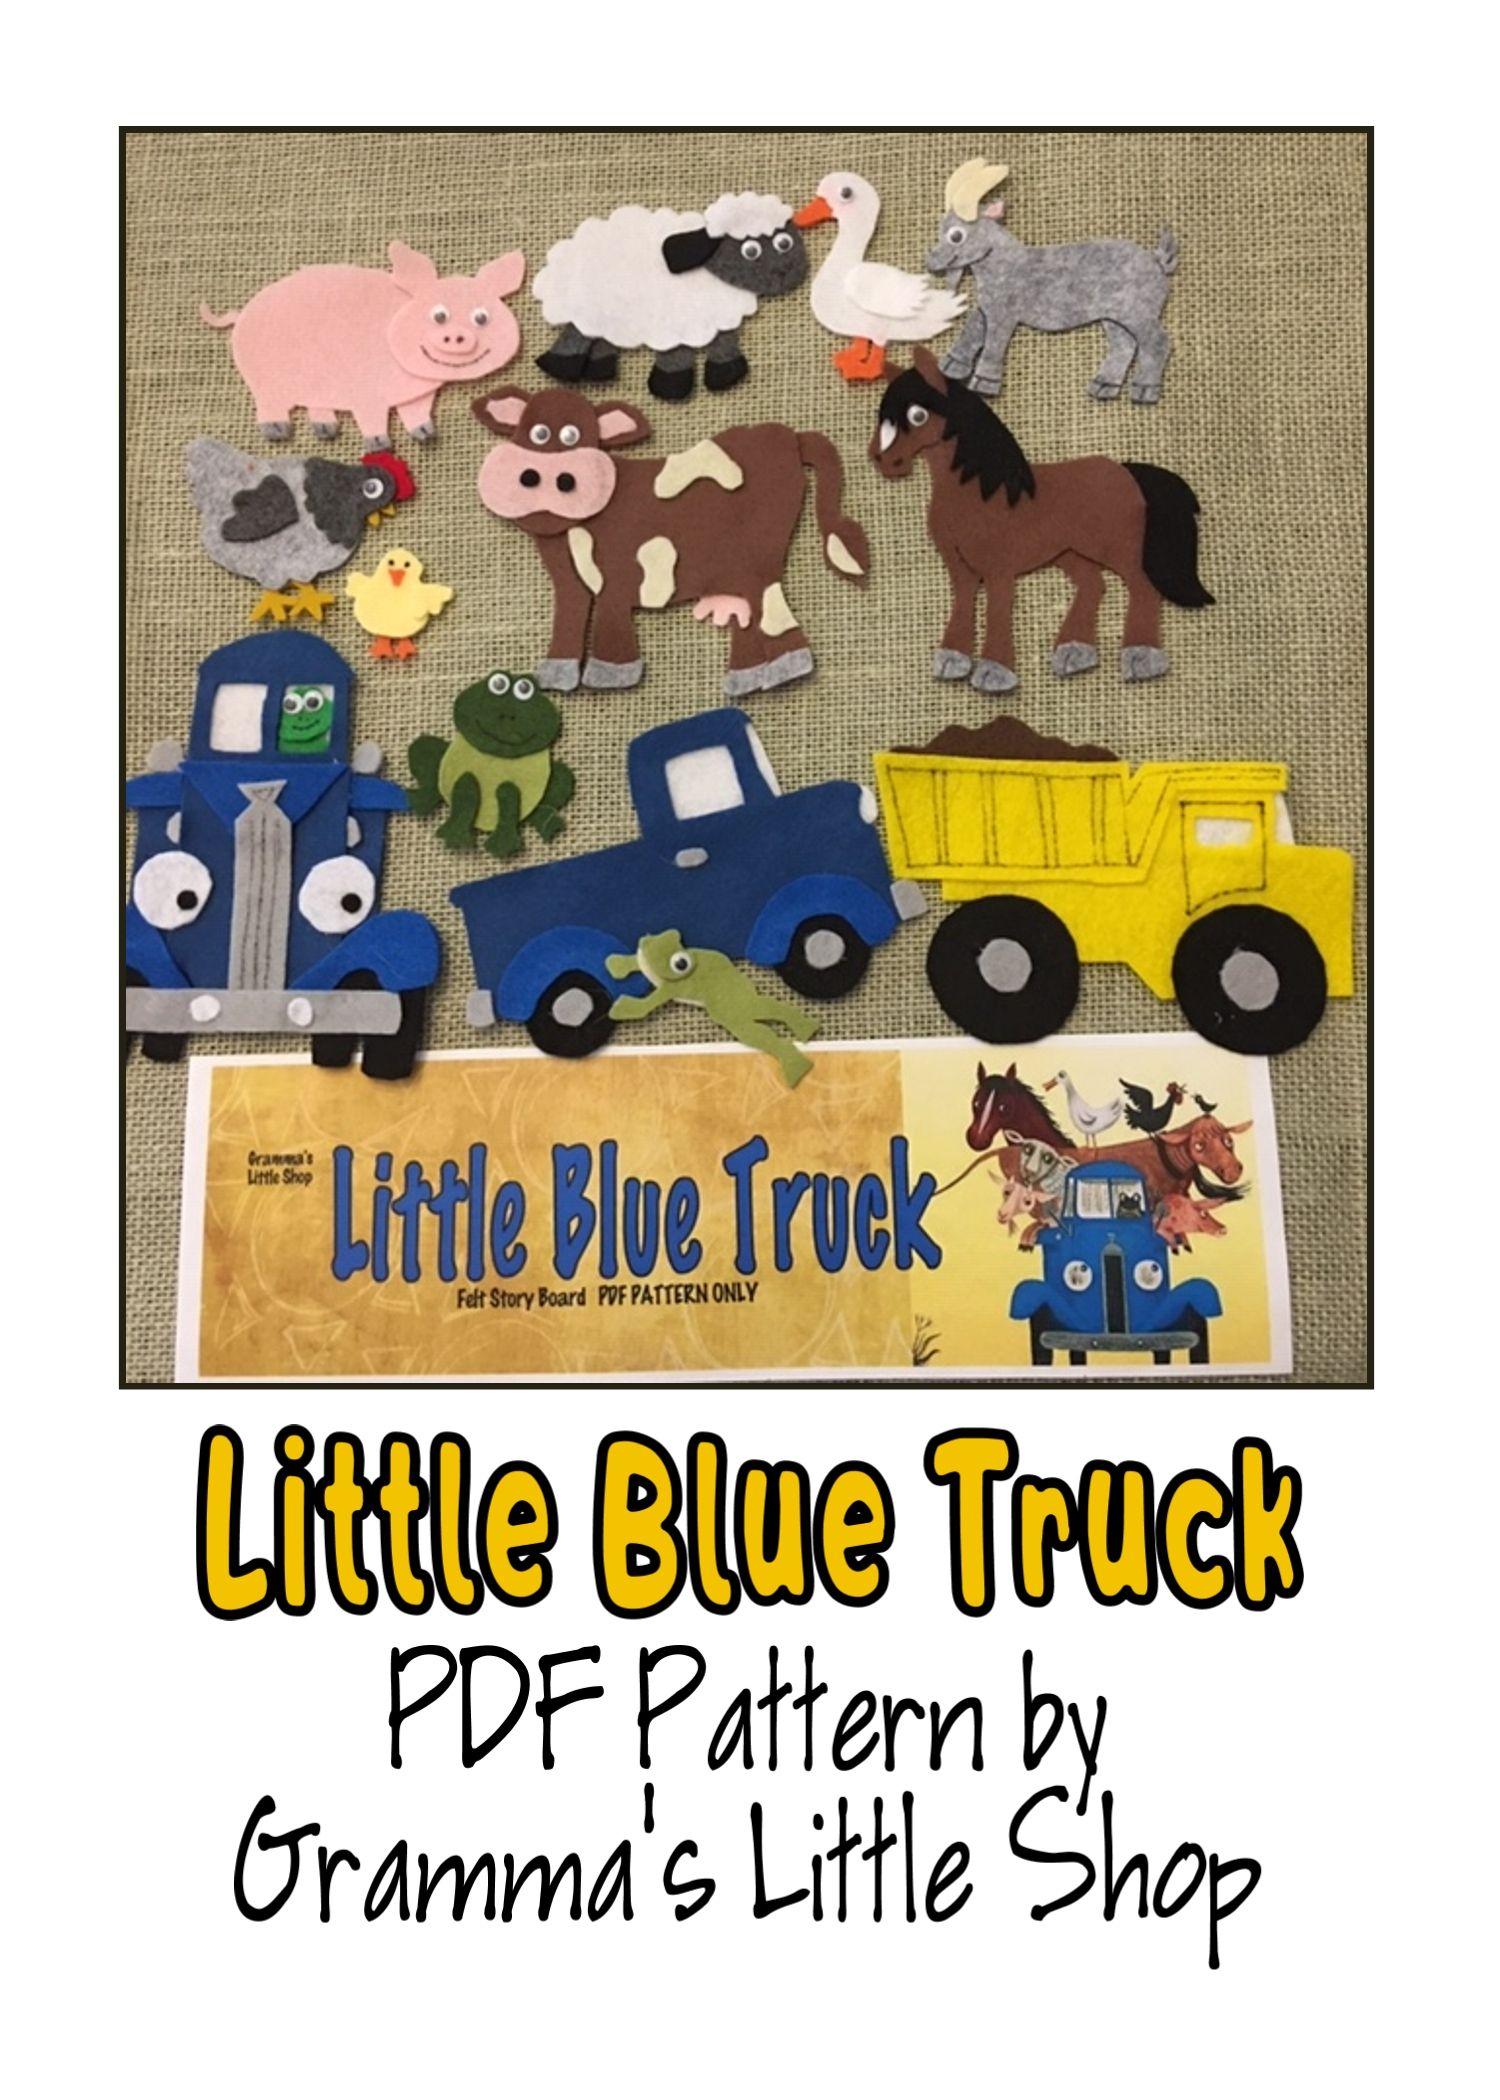 5 Little Ducks Nursery Rhyme Felt Play Art Set Flannel Board Story Storyboard Pieces